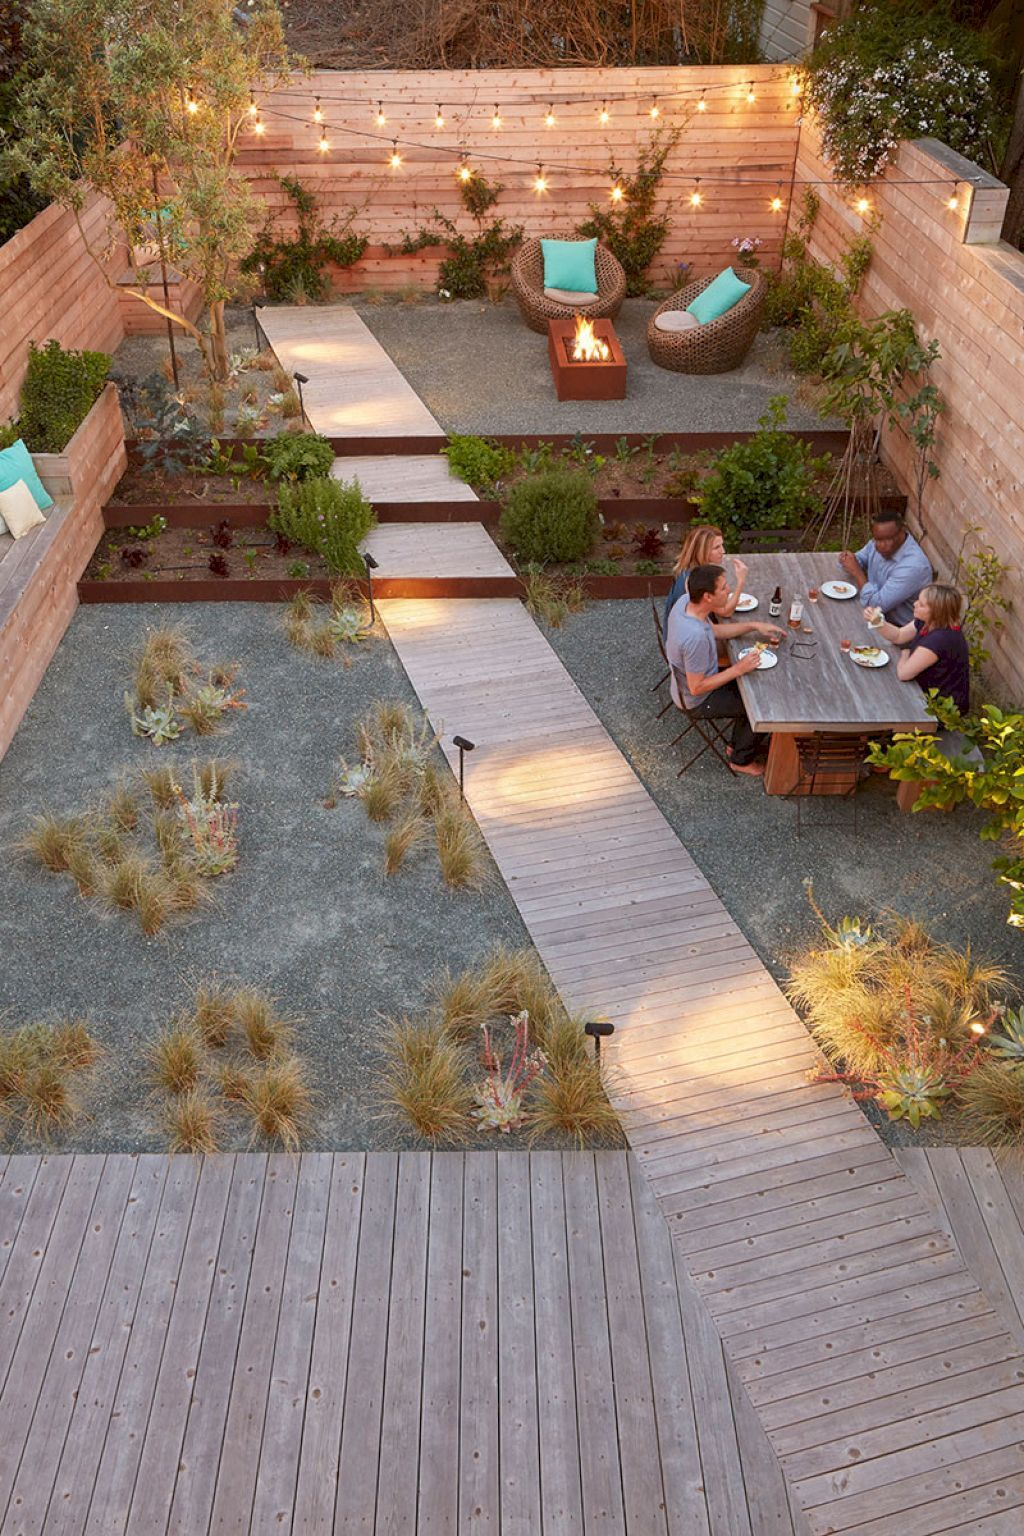 Creer Une Circulation Facile Sur Votre Terrasse Pour Profiter De